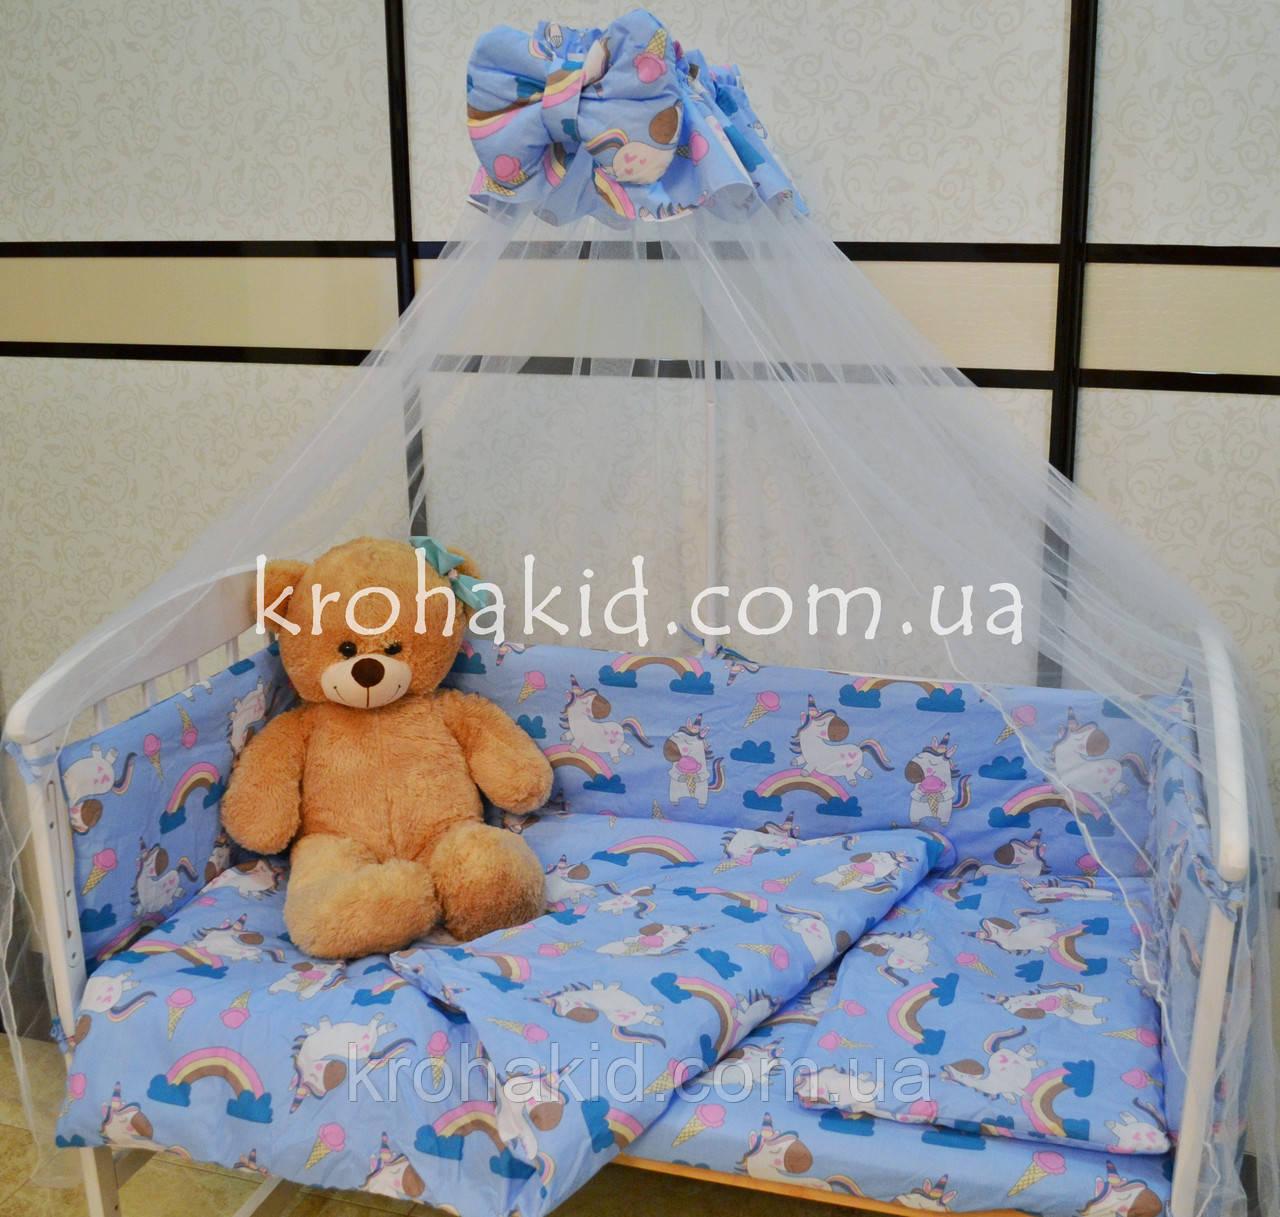 Набор детского постельного белья в кроватку пони - единороги  / Бортики в кроватку / Защита в манеж